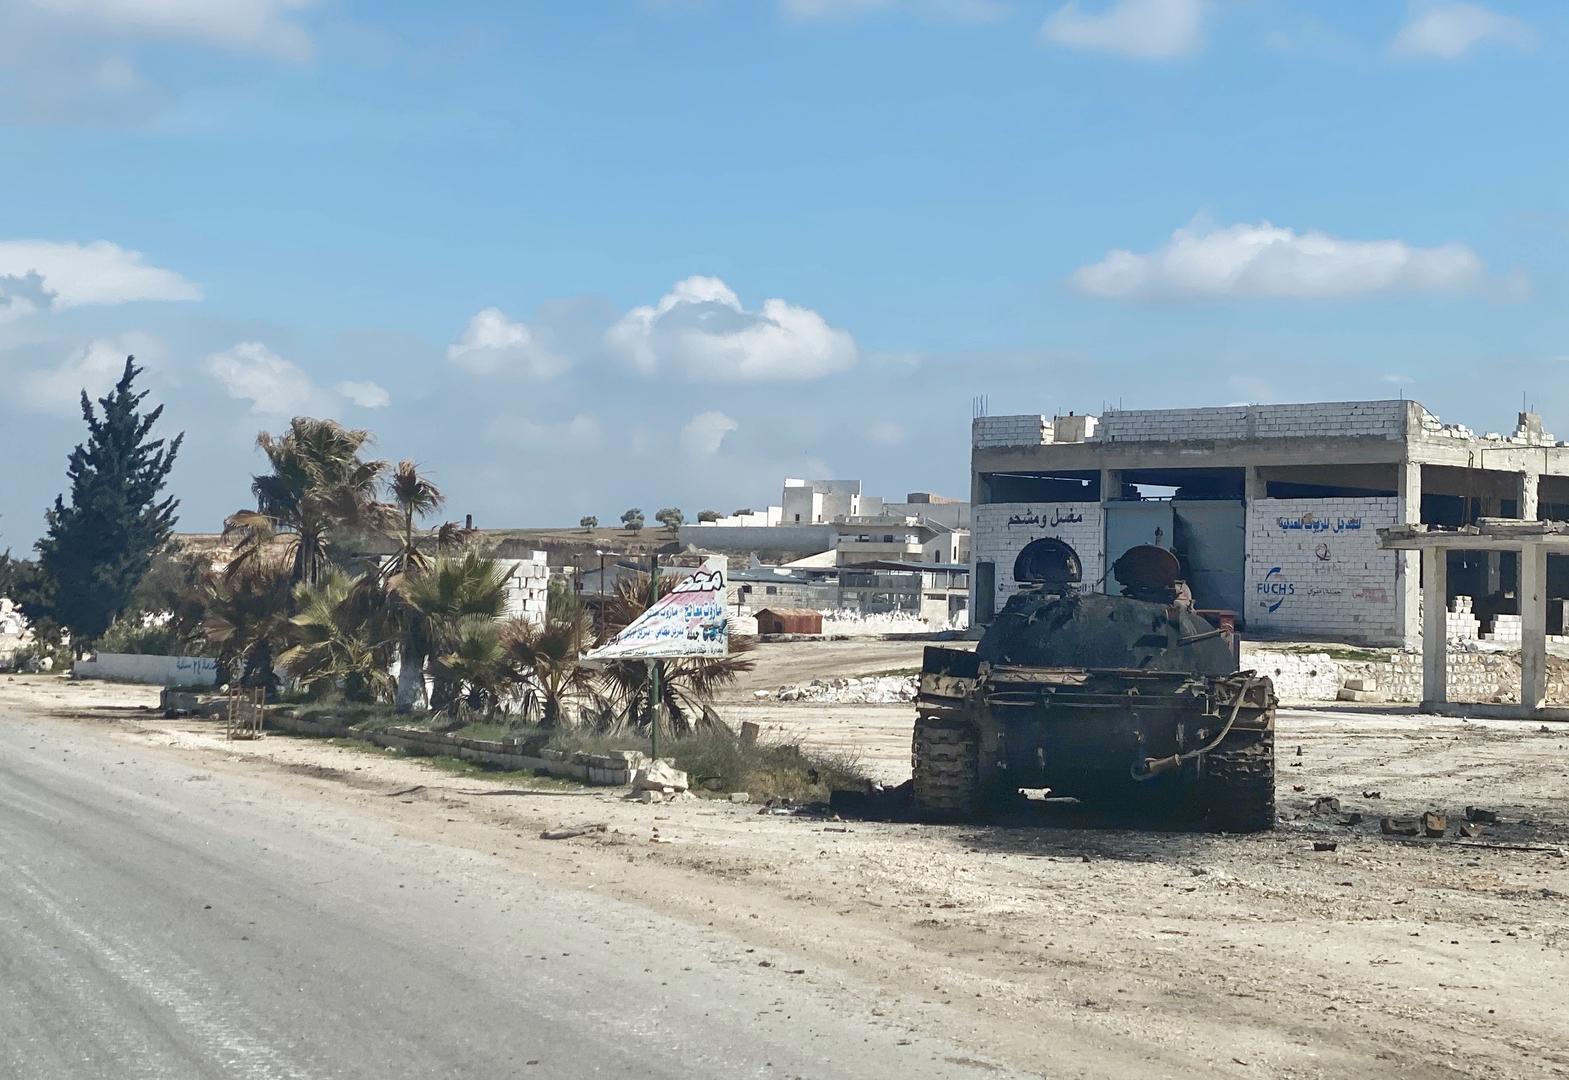 دبابة قرب طريق M5 الدولي في محافظة إدلب